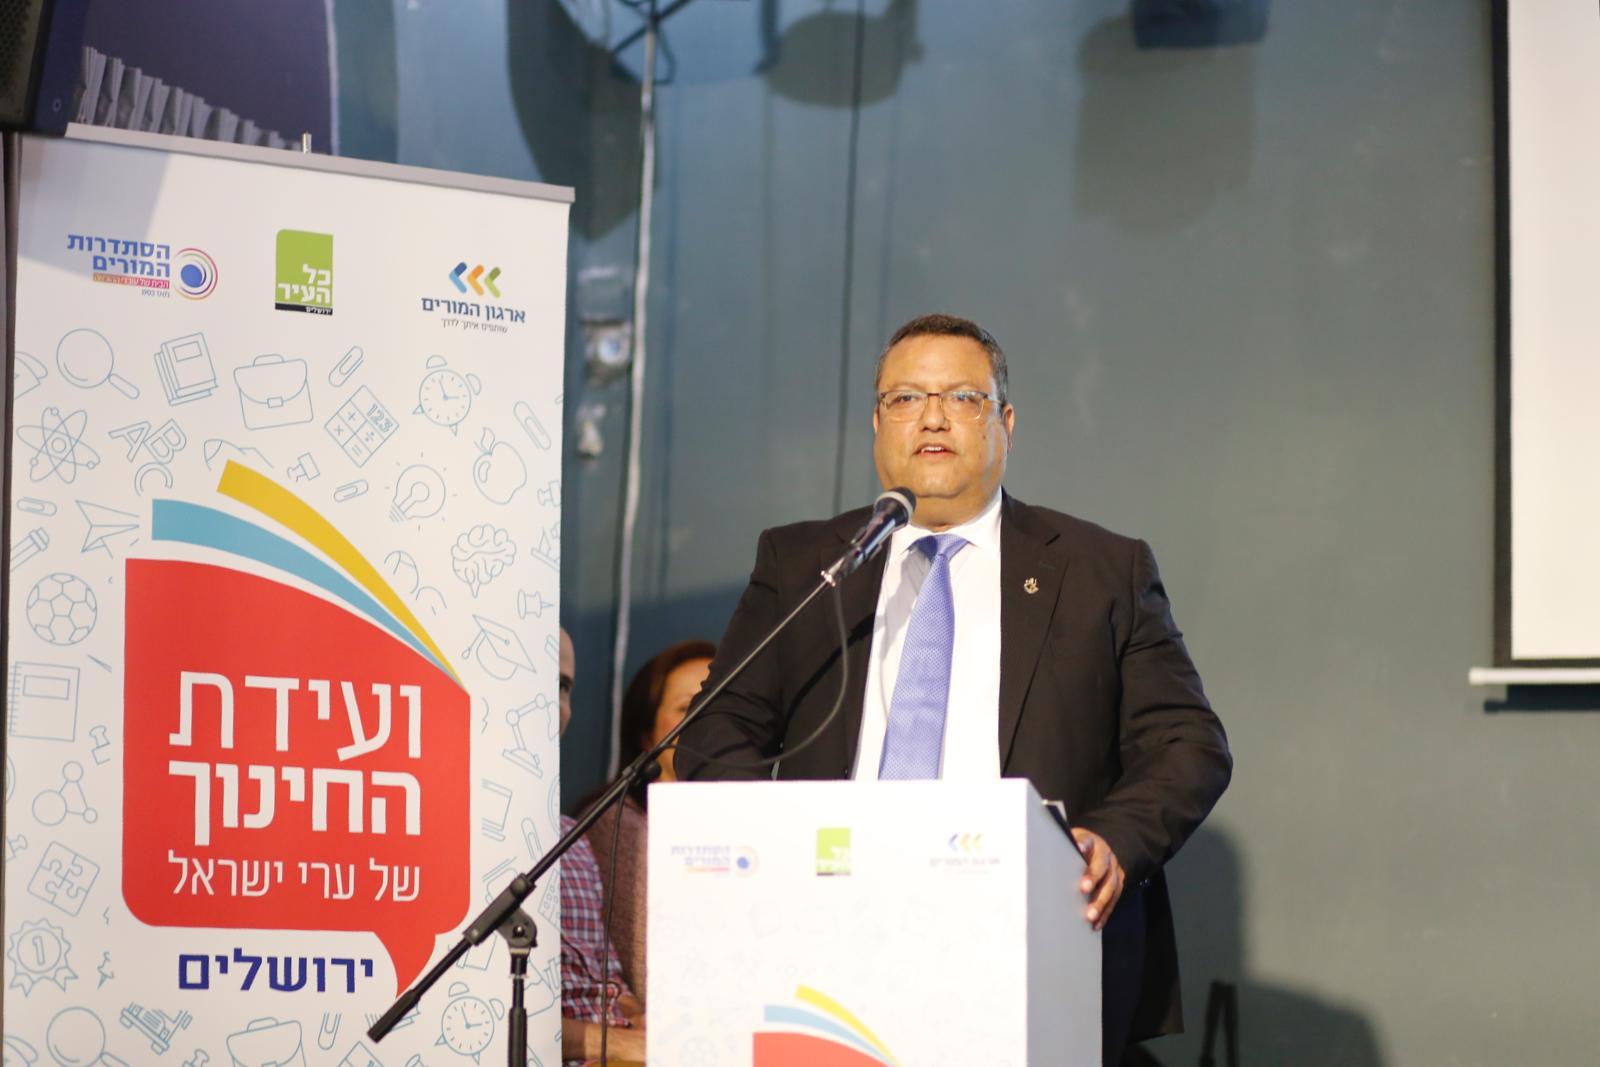 ראש העיר משה ליאון, ועידת החינוך של ערי ישראל, ירושלים (צילום: מעיין סבאג)